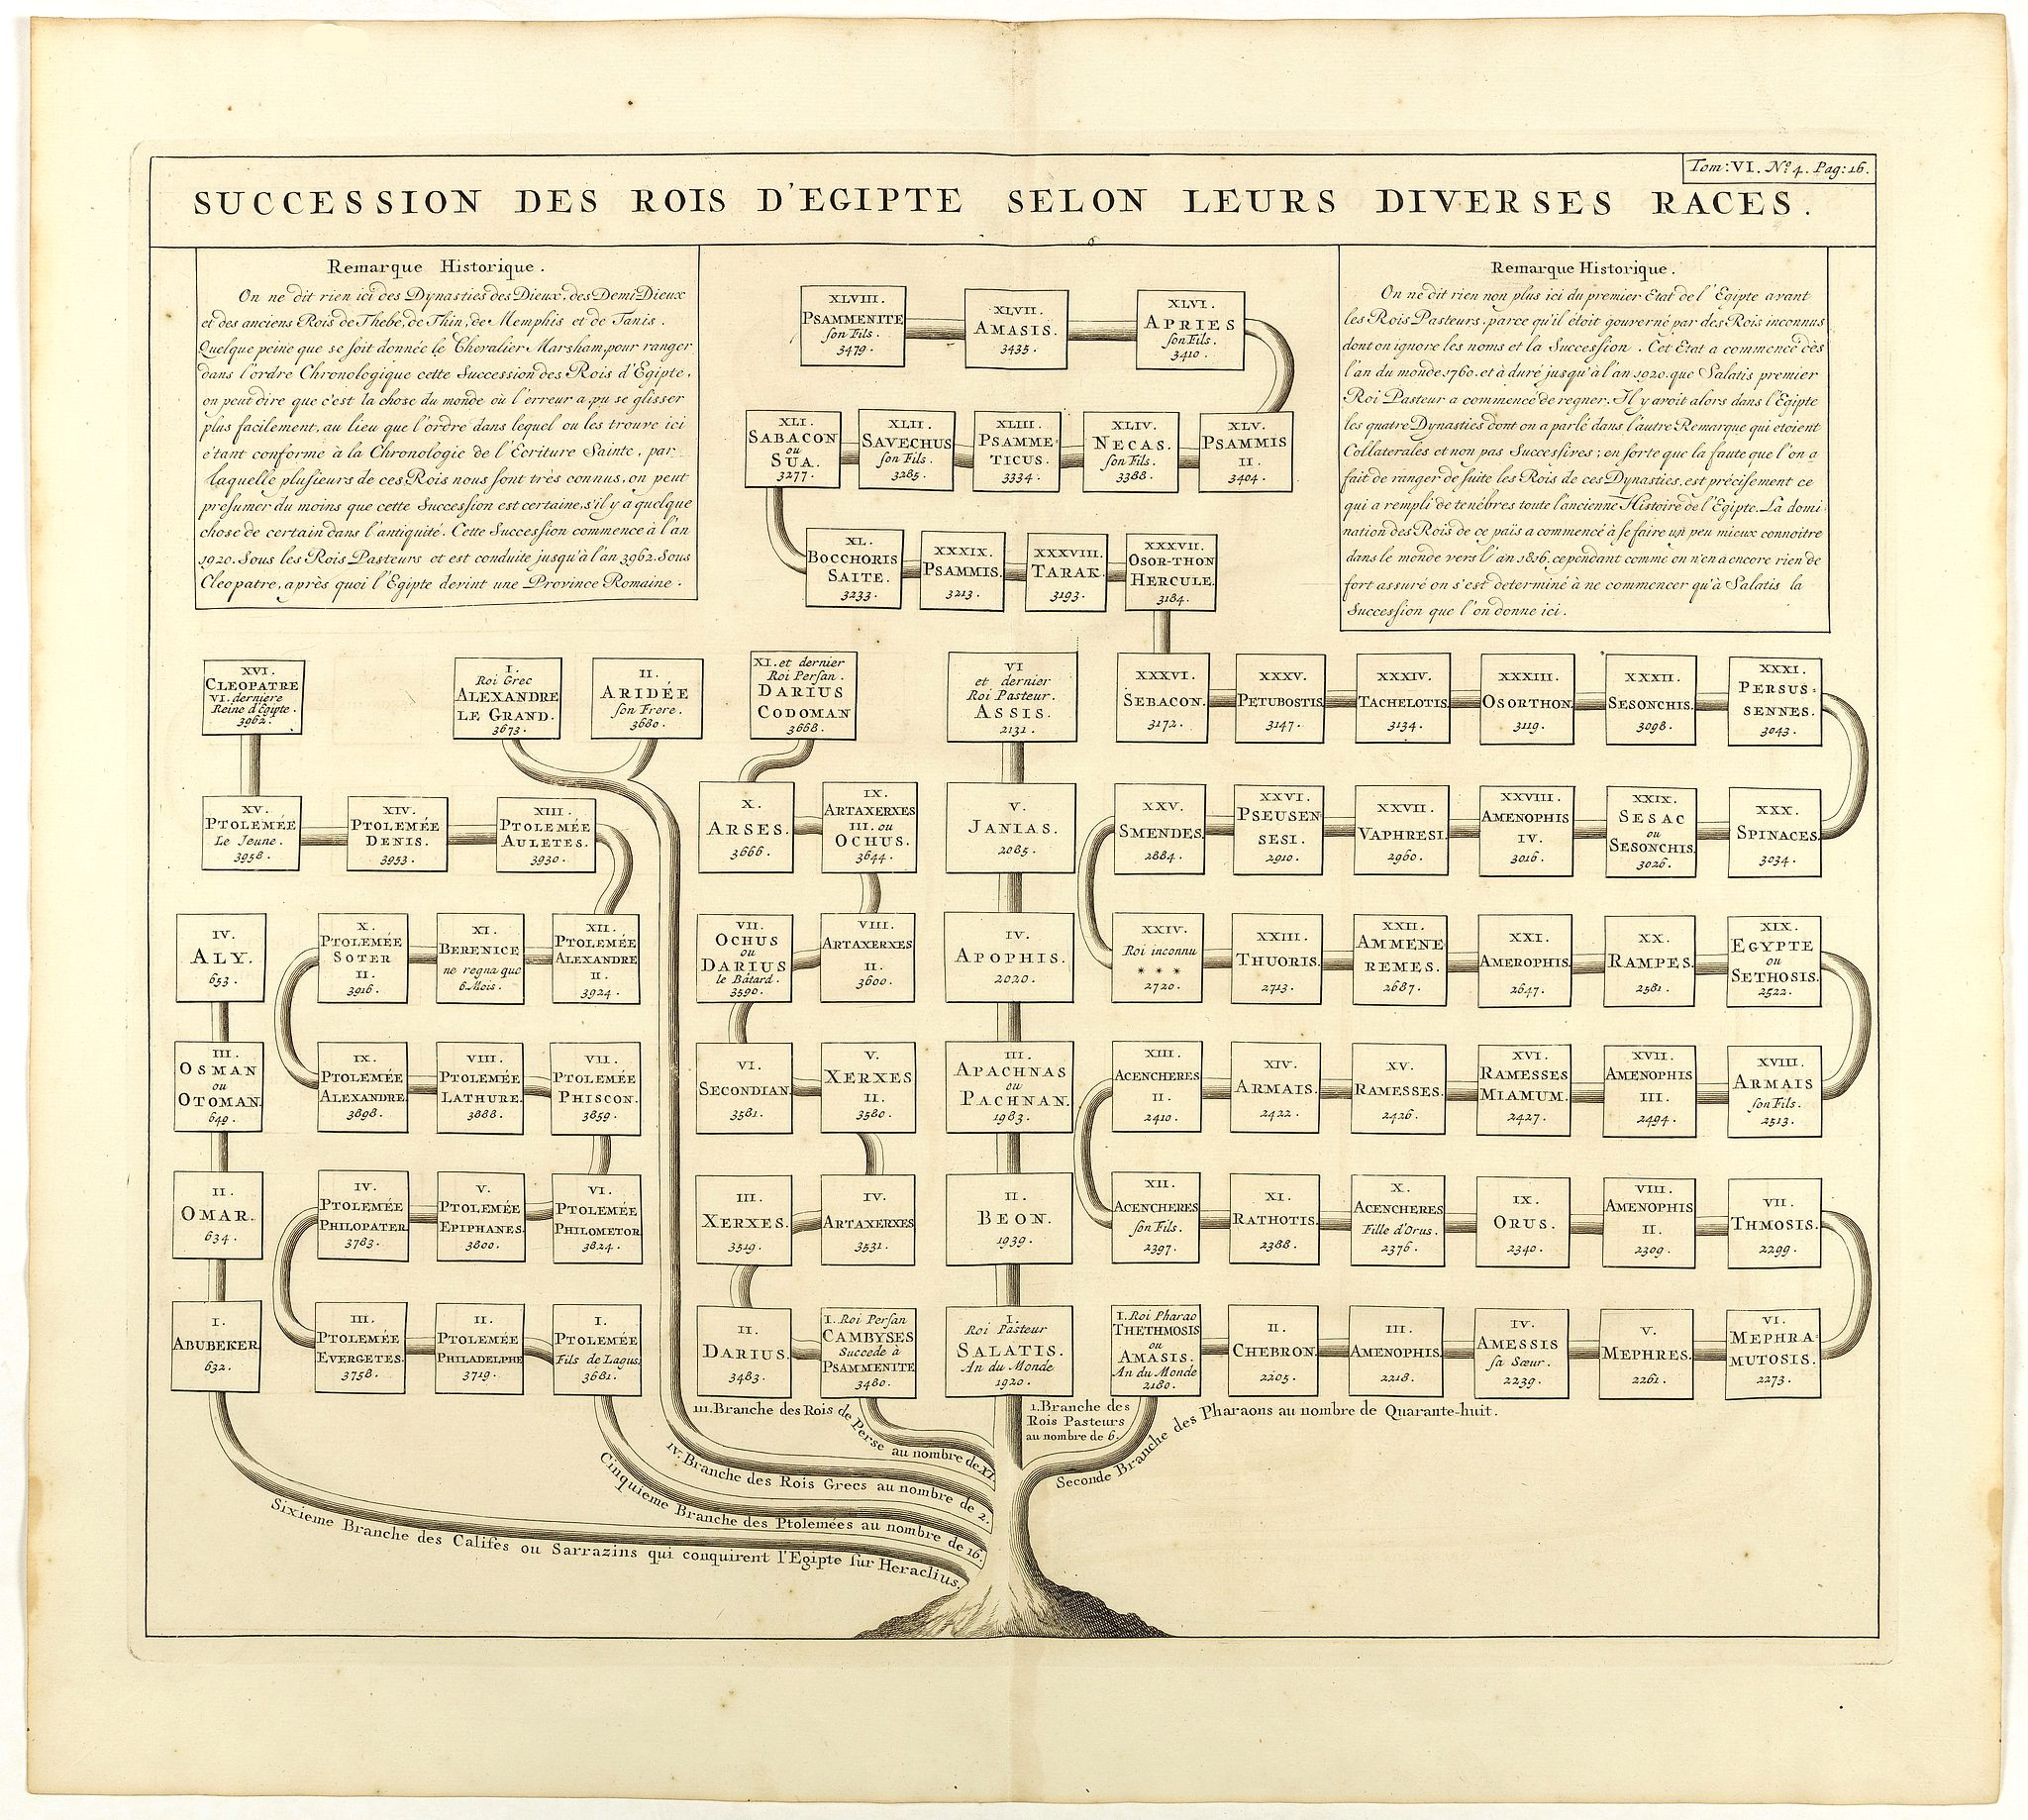 CHATELAIN, H. -  Succession des Rois d'Egipte selon leurs diverses races.